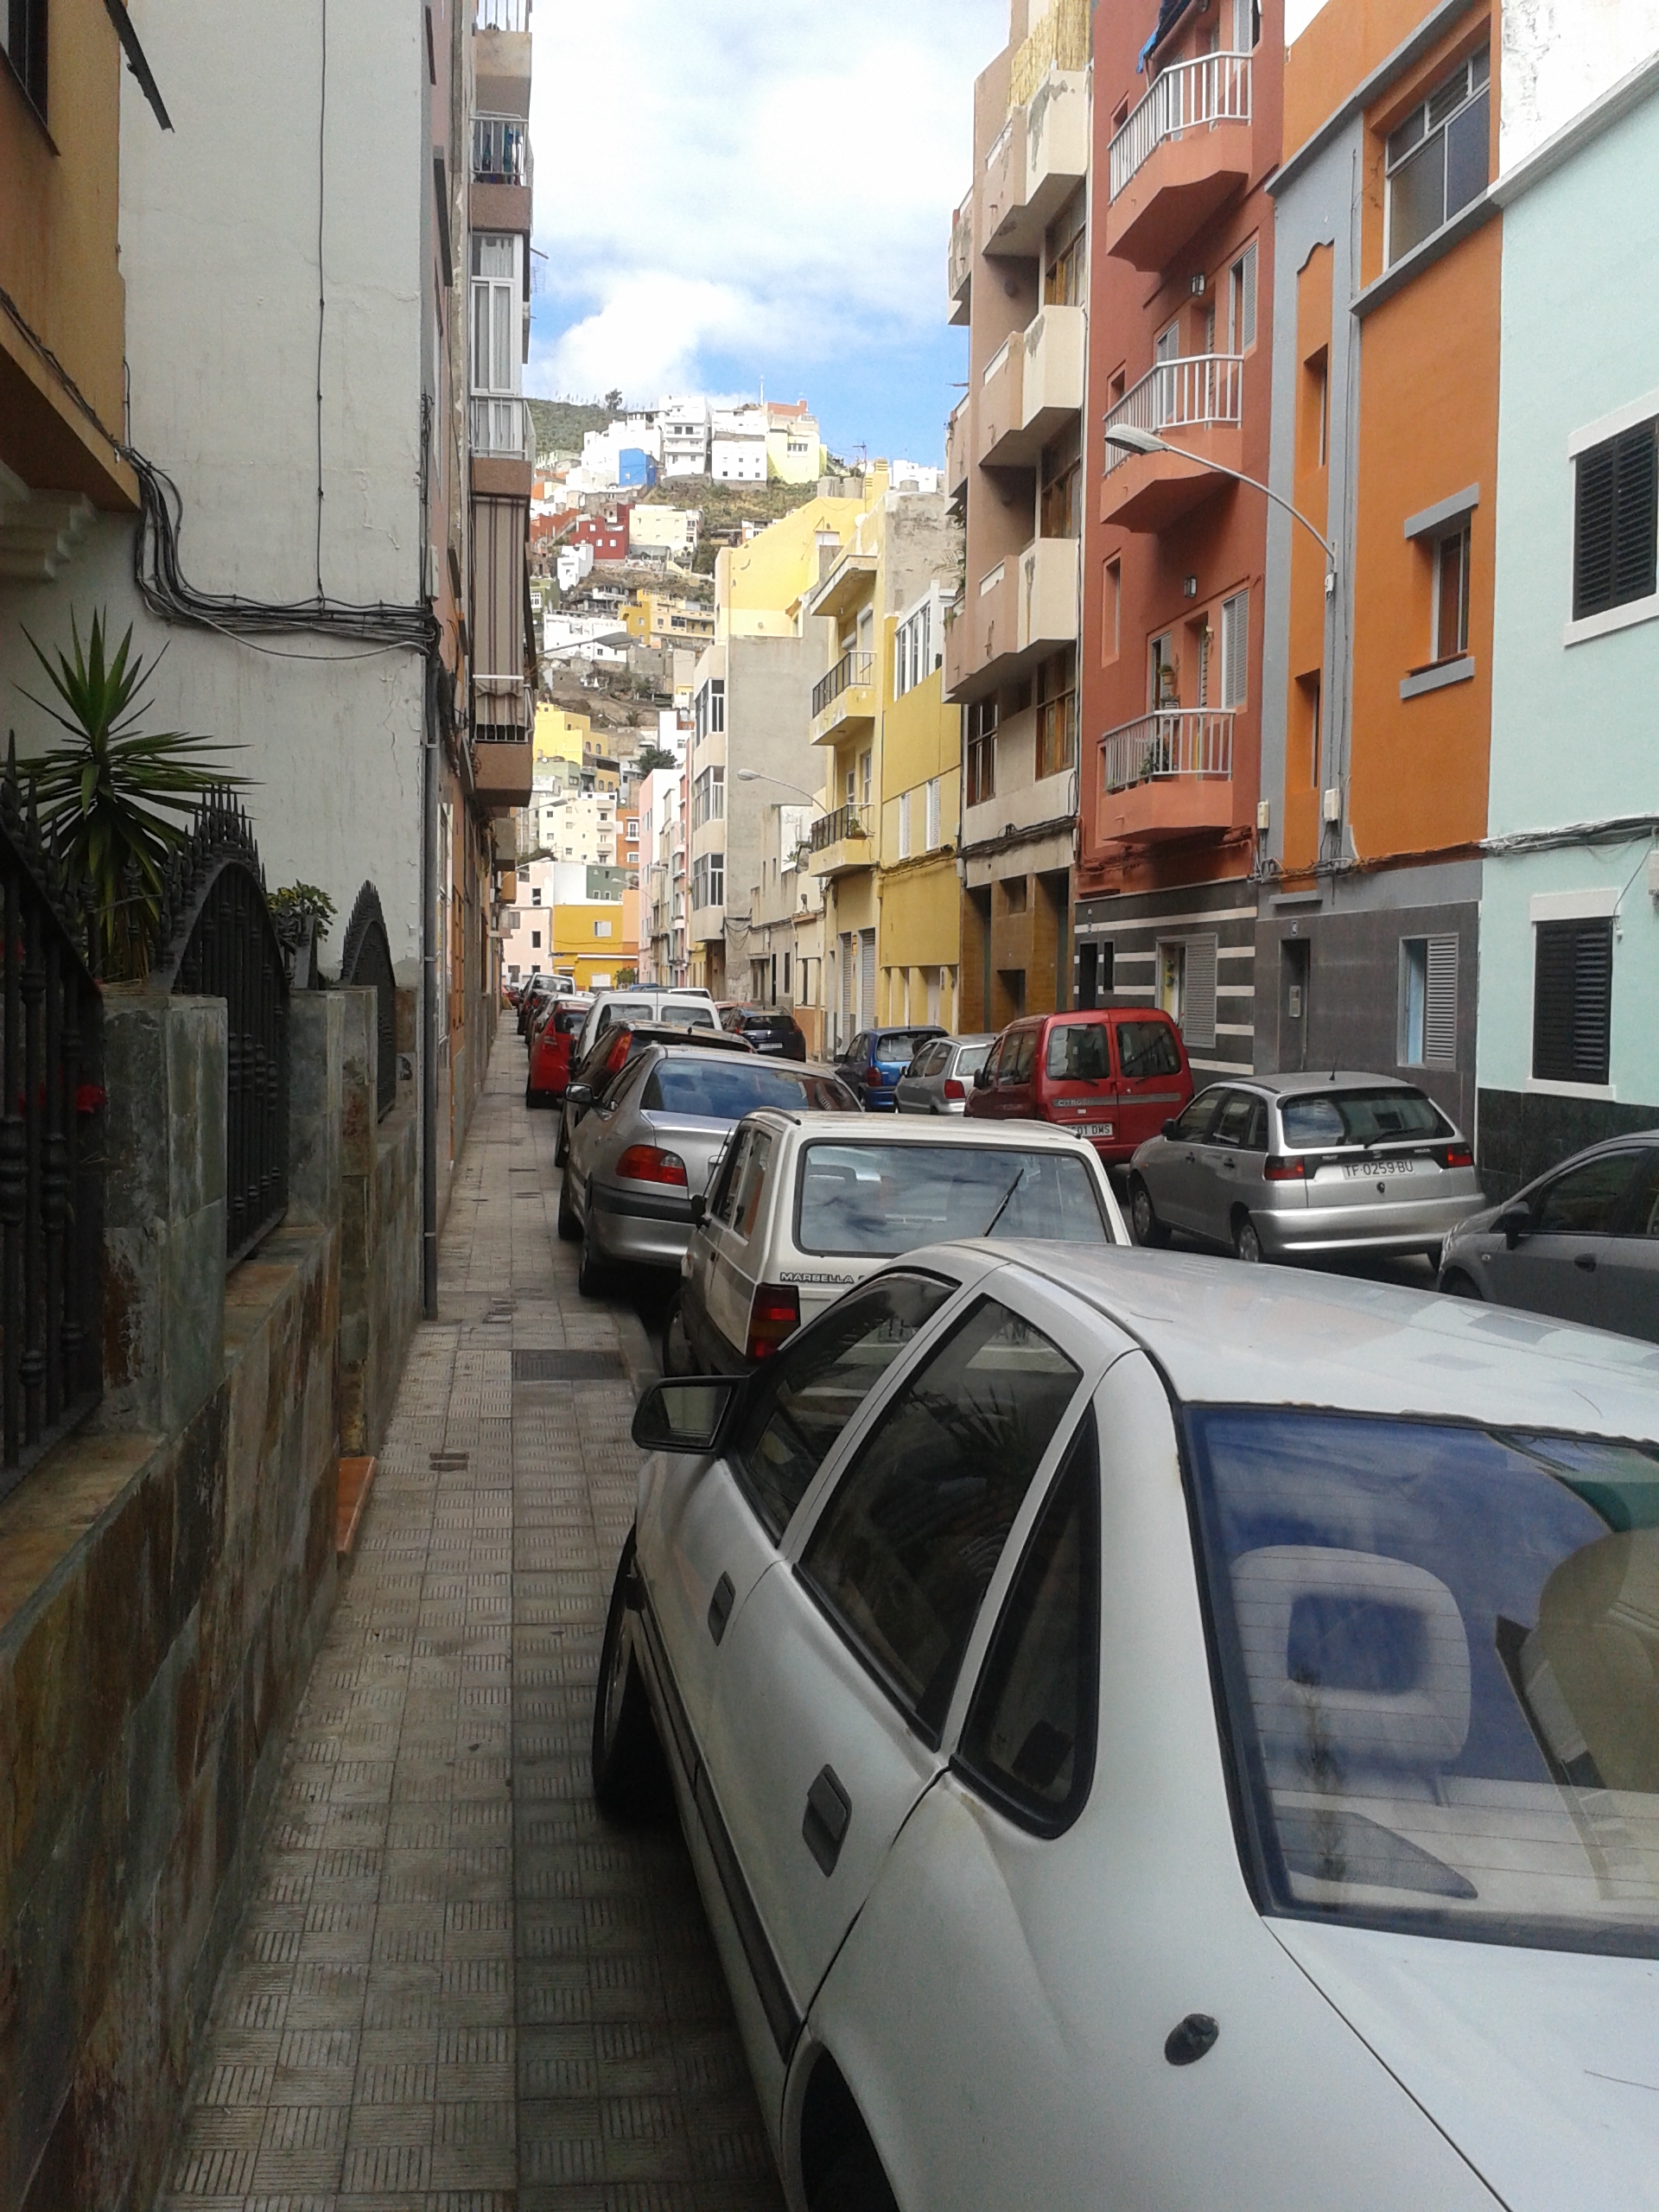 En la calle 20 - 1 part 4